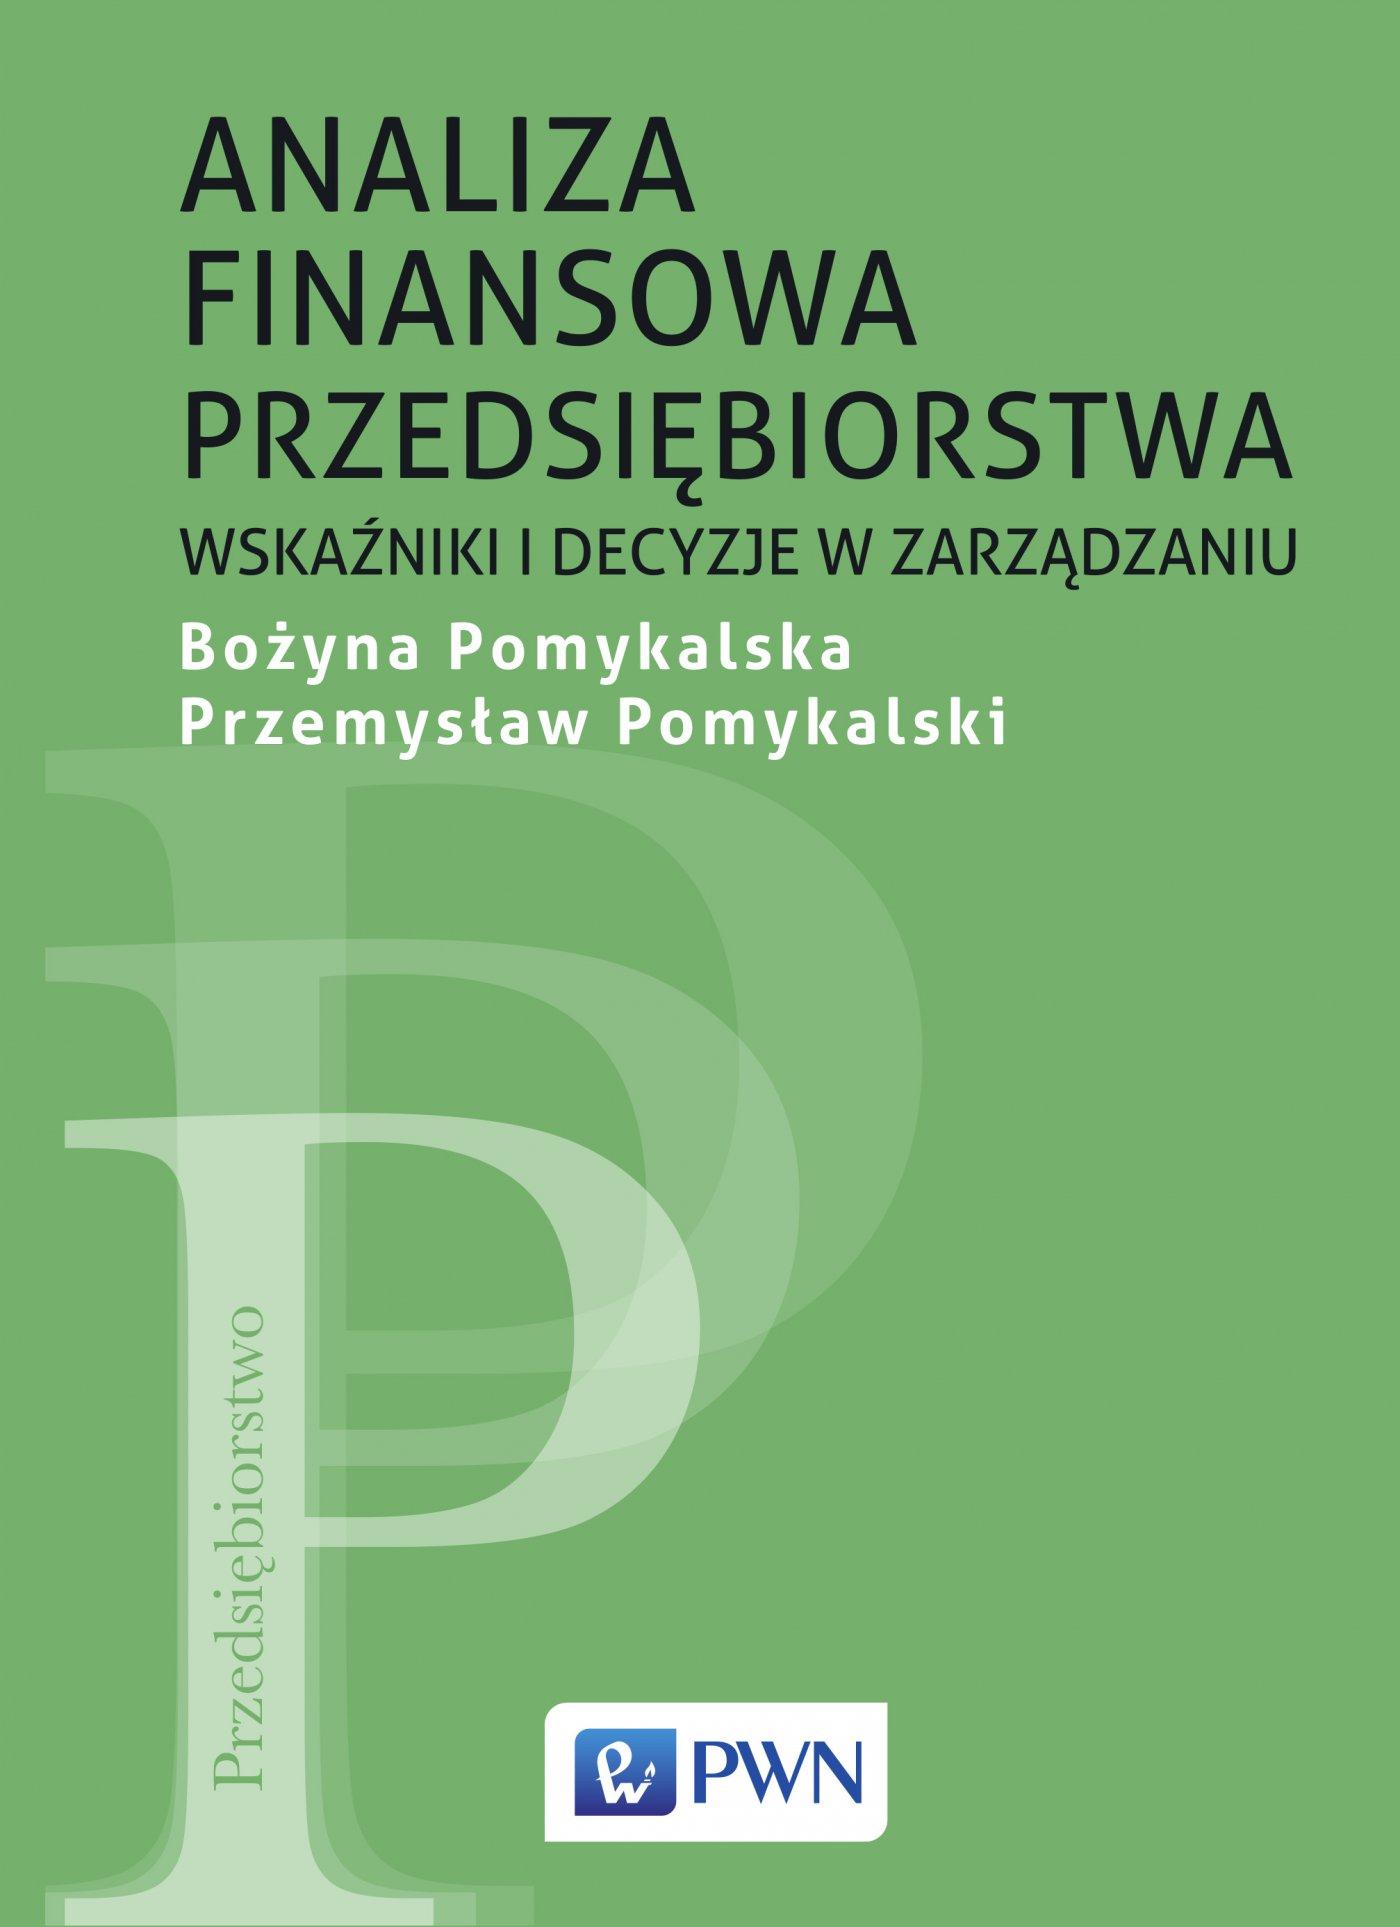 Analiza finansowa przedsiębiorstwa. Wskaźniki i decyzje w zarządzaniu - Ebook (Książka EPUB) do pobrania w formacie EPUB